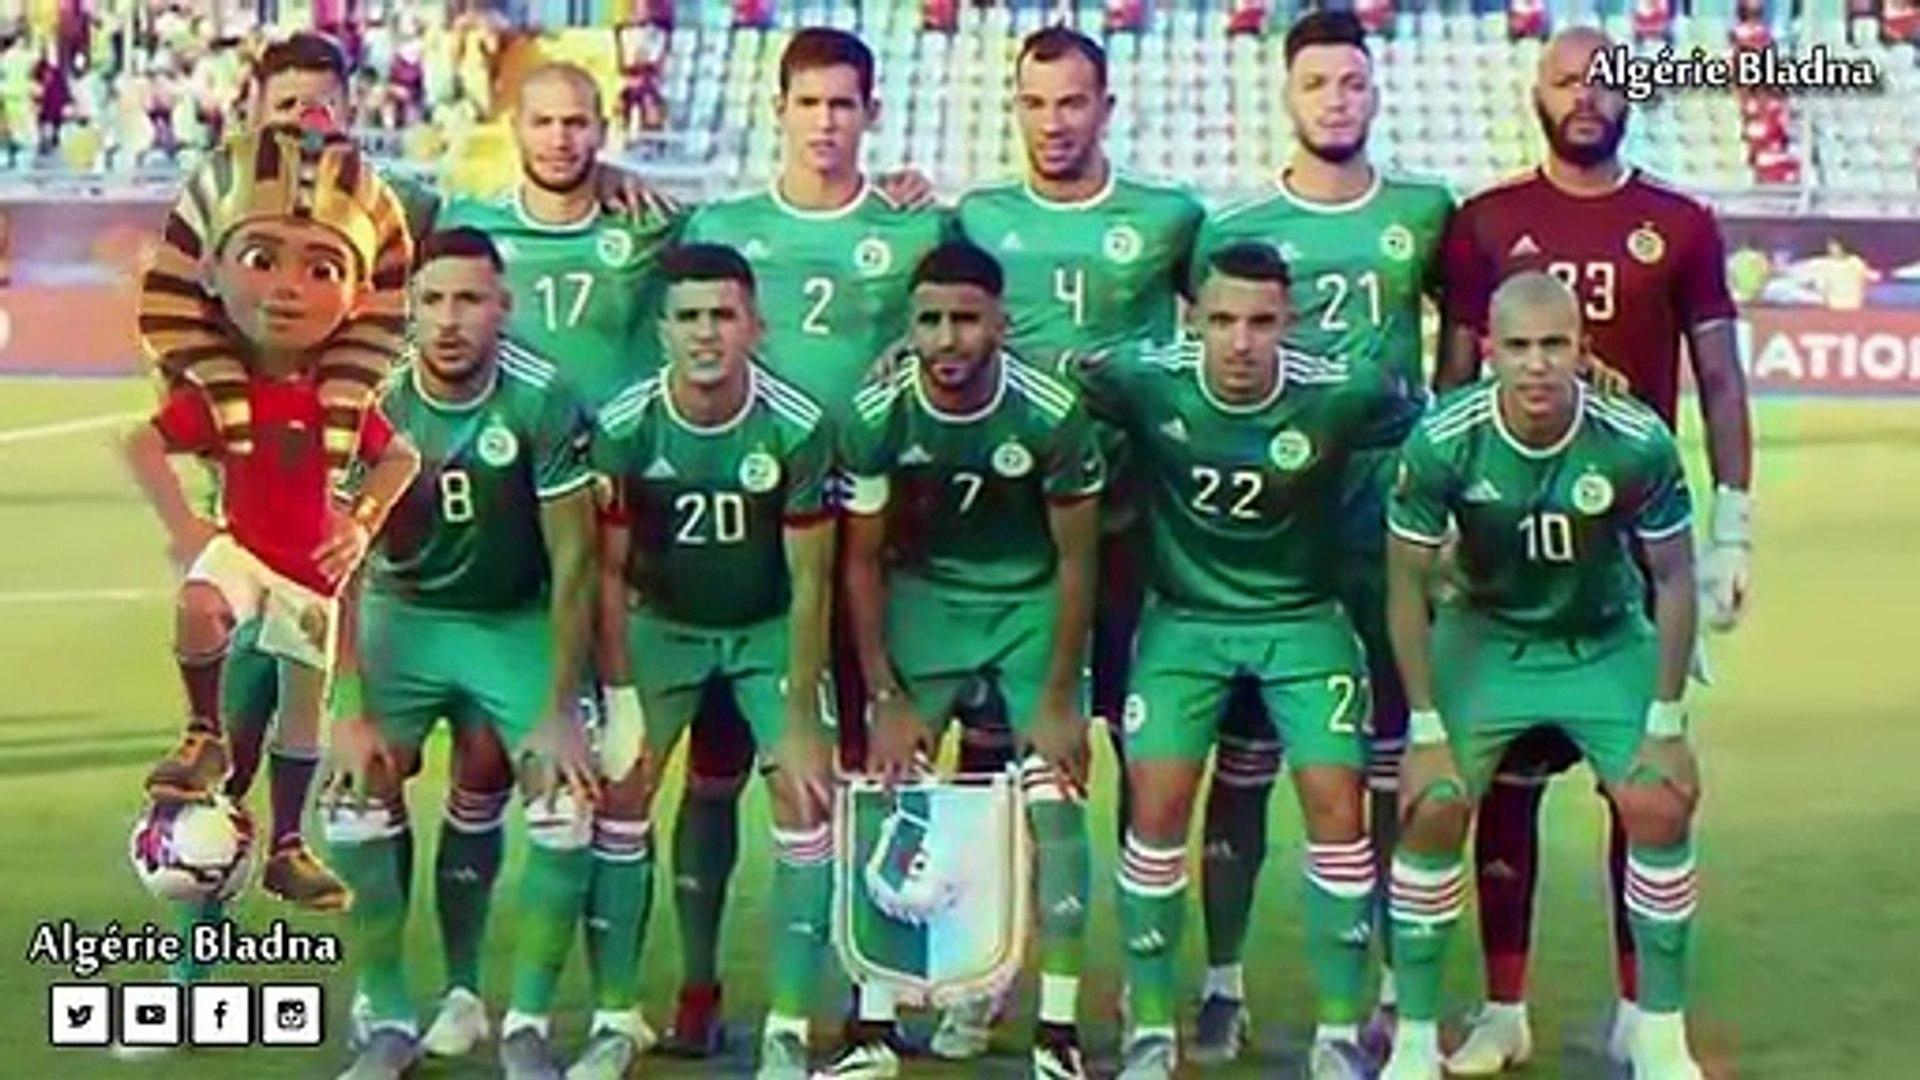 إنزال جوي للجماهير الجزائرية بالقاهرة عبر جسر جوي من 30 طائرة لحضور المباراة النهائية